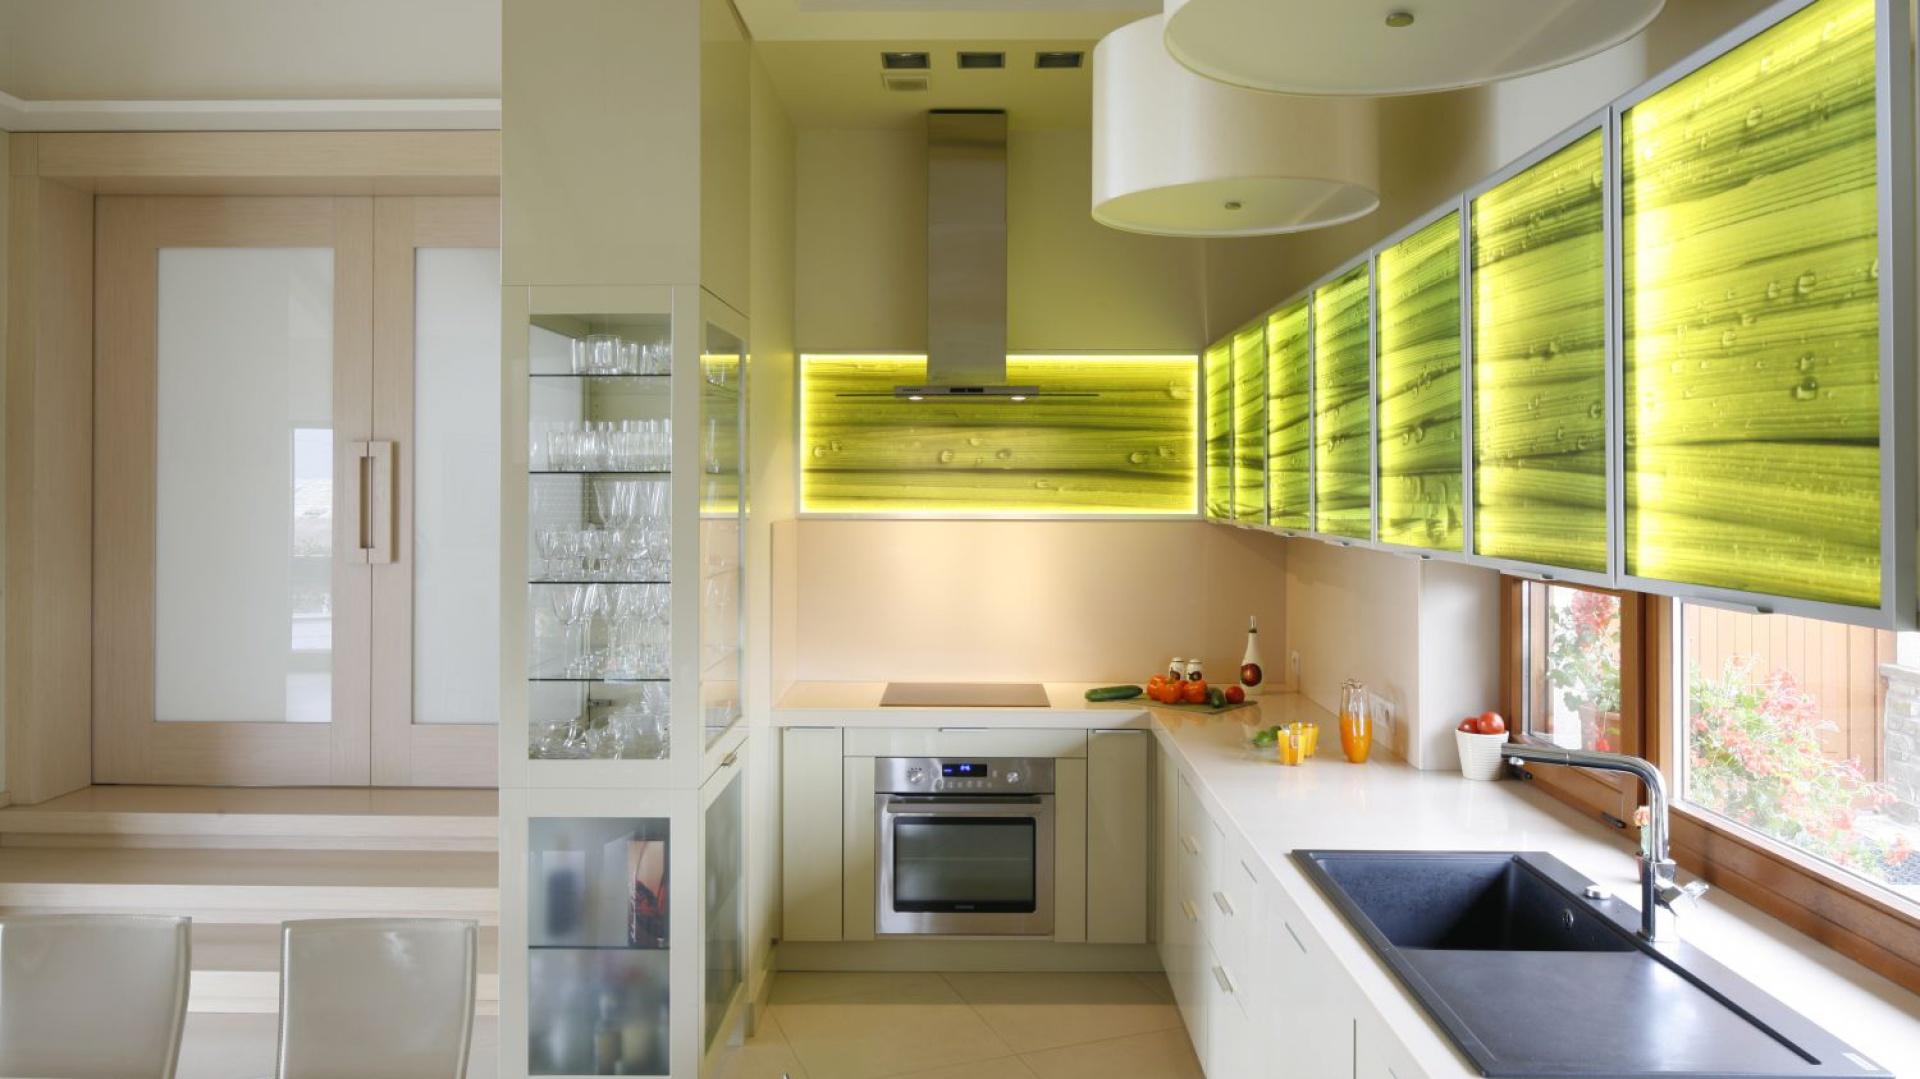 Rząd górnych szafek nadaje tej kuchni świeży, energetyzujący wyraz. Fronty są podświetlone oraz ozdobione grafiką z odświeżająco prezentującą się roślinnością. Projekt: Małgorzata Brewczyńska. Fot. Bartosz Jarosz.